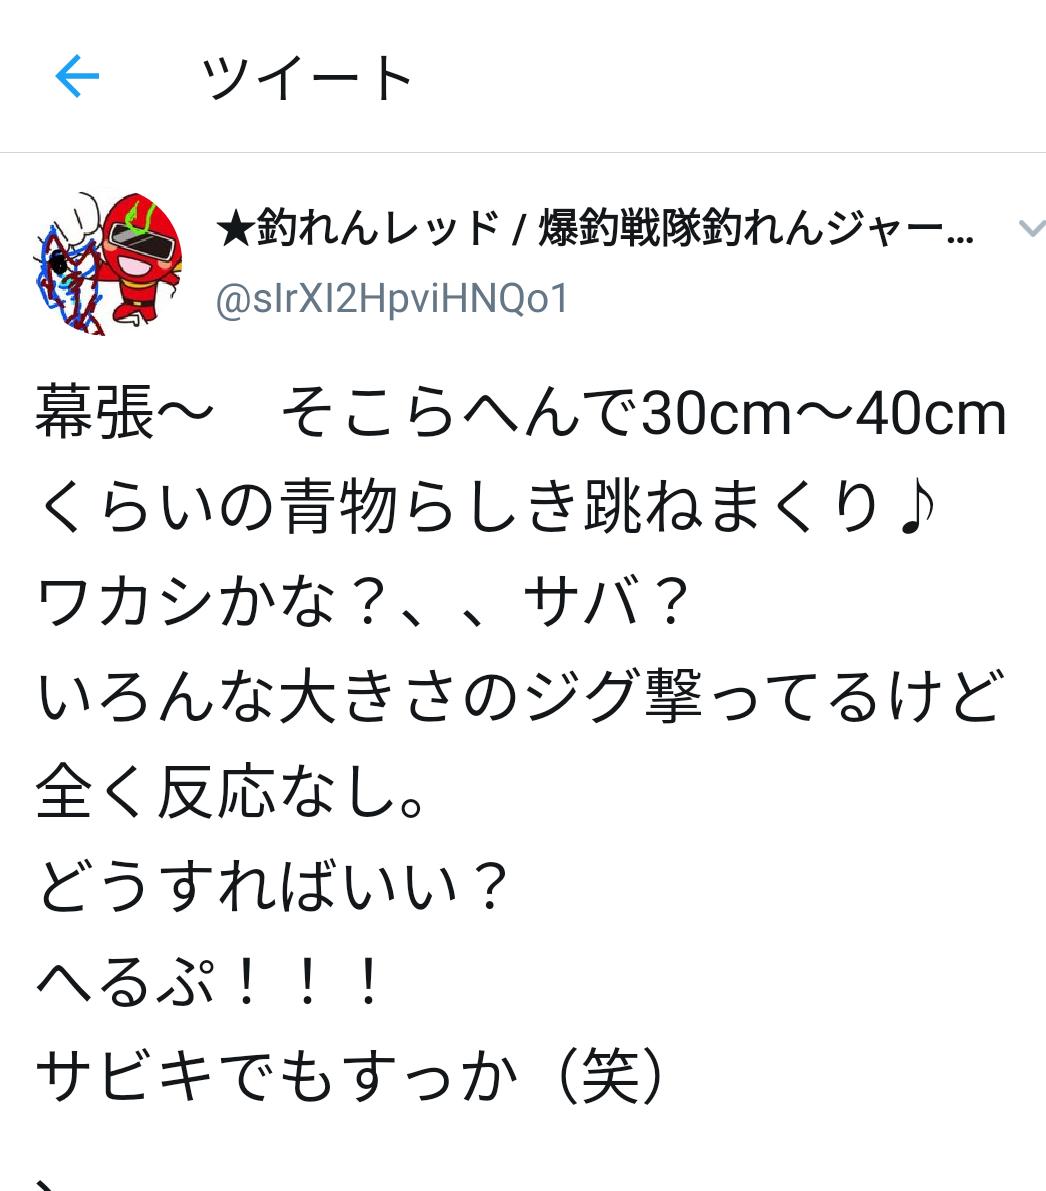 f:id:Ke5mPO:20200726172027p:plain